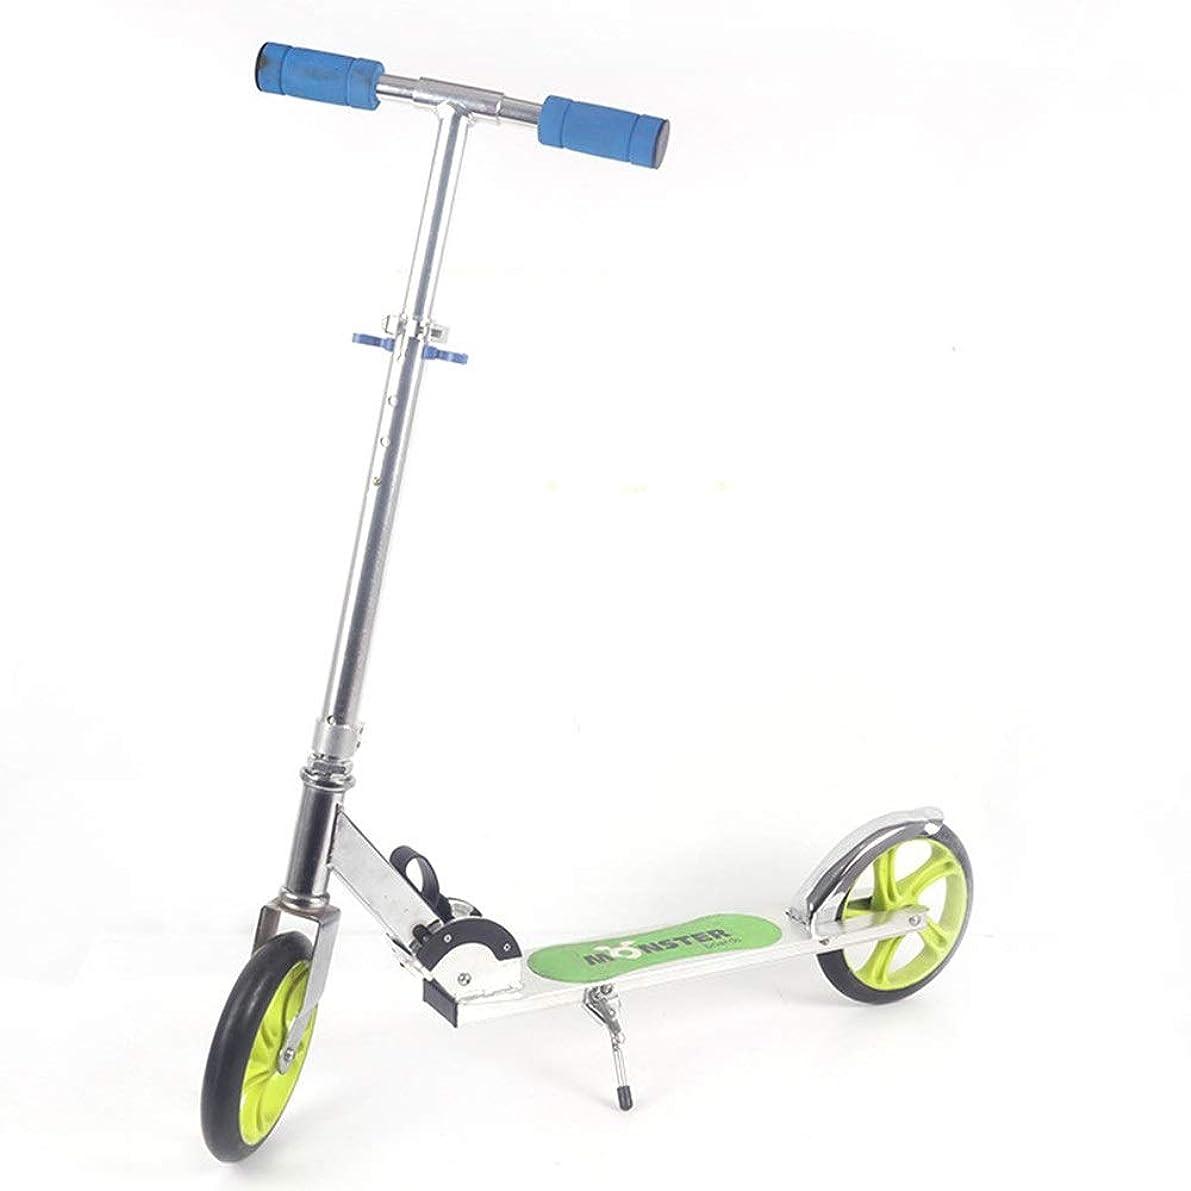 みぞれ土器冊子WangGai 二輪スクーター大人旅行200PUホイールオールアルミリフト折りたたみペダルスクーター WangGai